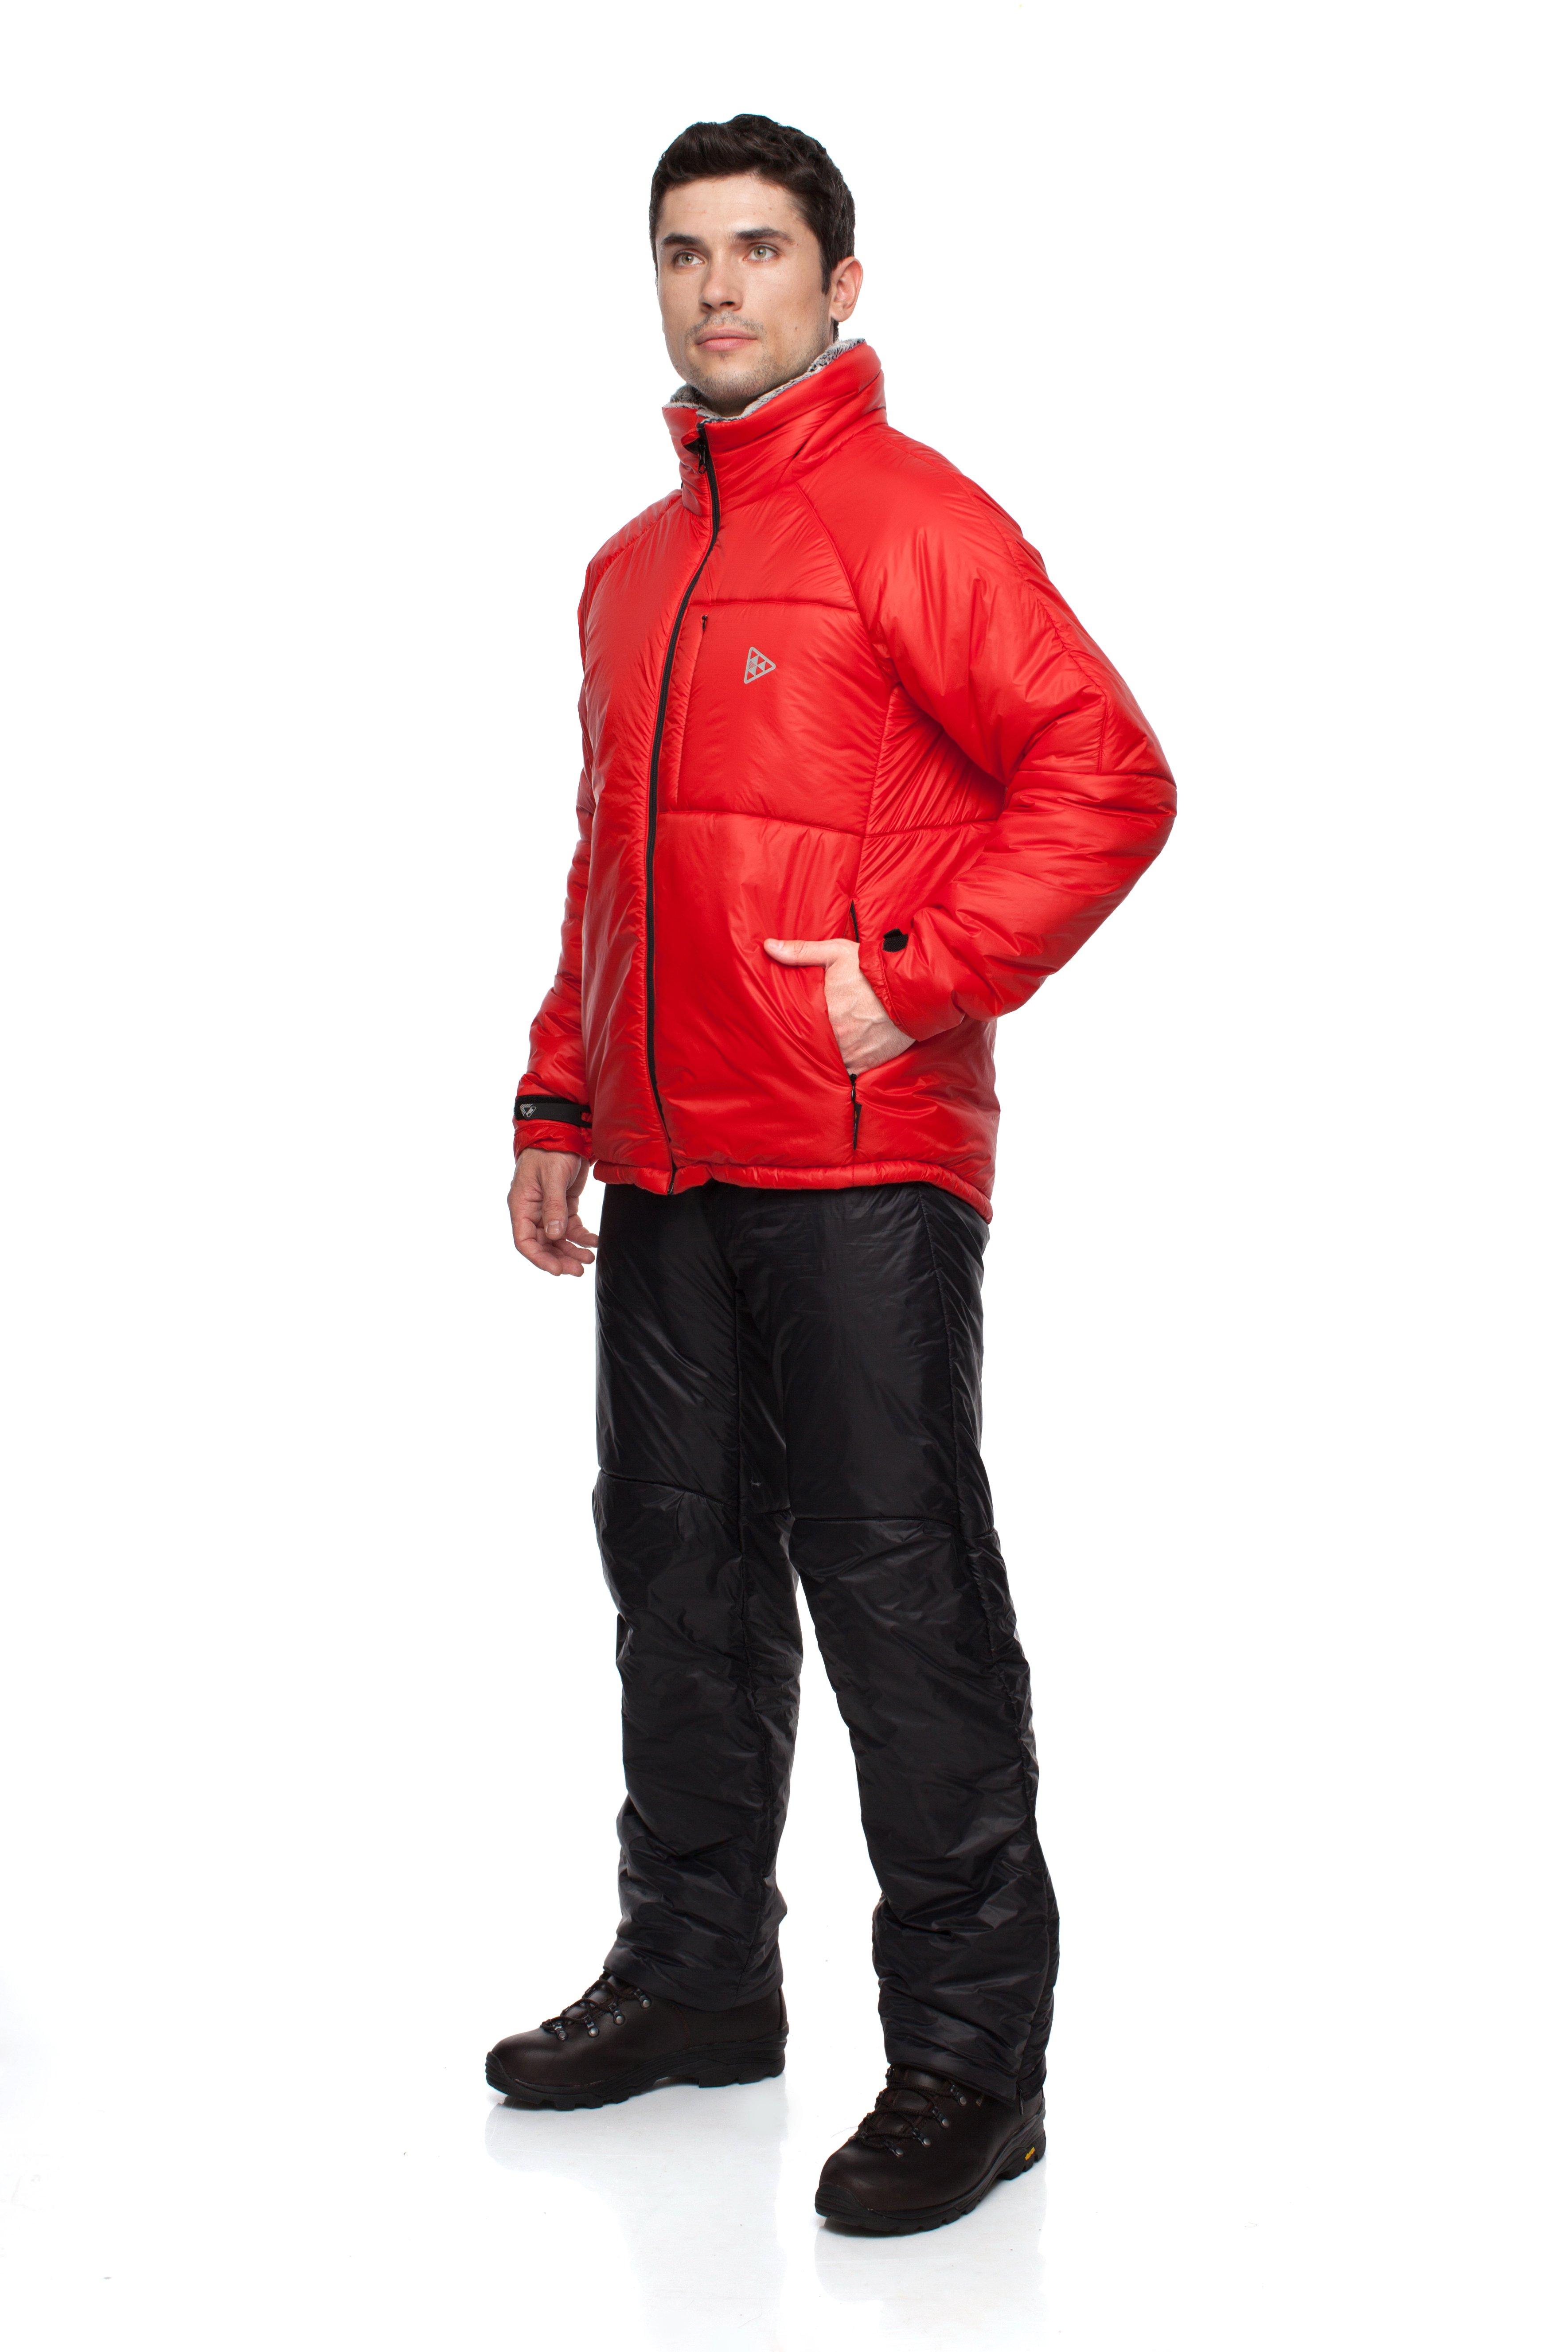 Куртка BASK ROCK V2 4240AКуртки<br><br><br>Верхняя ткань: Advance® Superior<br>Вес граммы: 640<br>Ветро-влагозащитные свойства верхней ткани: Да<br>Ветрозащитная планка: Да<br>Ветрозащитная юбка: Нет<br>Влагозащитные молнии: Нет<br>Внутренние манжеты: Нет<br>Внутренняя ткань: Advance® Superior<br>Водонепроницаемость: 5000<br>Дублирующий центральную молнию клапан: Нет<br>Защитный козырёк капюшона: Нет<br>Капюшон: Убирается в воротник<br>Карман для средств связи: Нет<br>Количество внешних карманов: 3<br>Количество внутренних карманов: 2<br>Мембрана: Нет<br>Объемный крой локтевой зоны: Да<br>Отстёгивающиеся рукава: Нет<br>Паропроницаемость: 5000<br>Пол: Унисекс<br>Проклейка швов: Нет<br>Регулировка манжетов рукавов: Да<br>Регулировка низа: Да<br>Регулировка объёма капюшона: Нет<br>Регулировка талии: Нет<br>Регулируемые вентиляционные отверстия: Нет<br>Световозвращающая лента: Нет<br>Температурный режим: -15<br>Технология Thermal Welding: Нет<br>Технология швов: Простые<br>Тип молнии: Двухзамковая влагостойкая<br>Тип утеплителя: Синтетический<br>Усиление контактных зон: Нет<br>Утеплитель: Primaloft® Sport 100г/м2<br>Размер INT: S<br>Цвет: ЧЕРНЫЙ